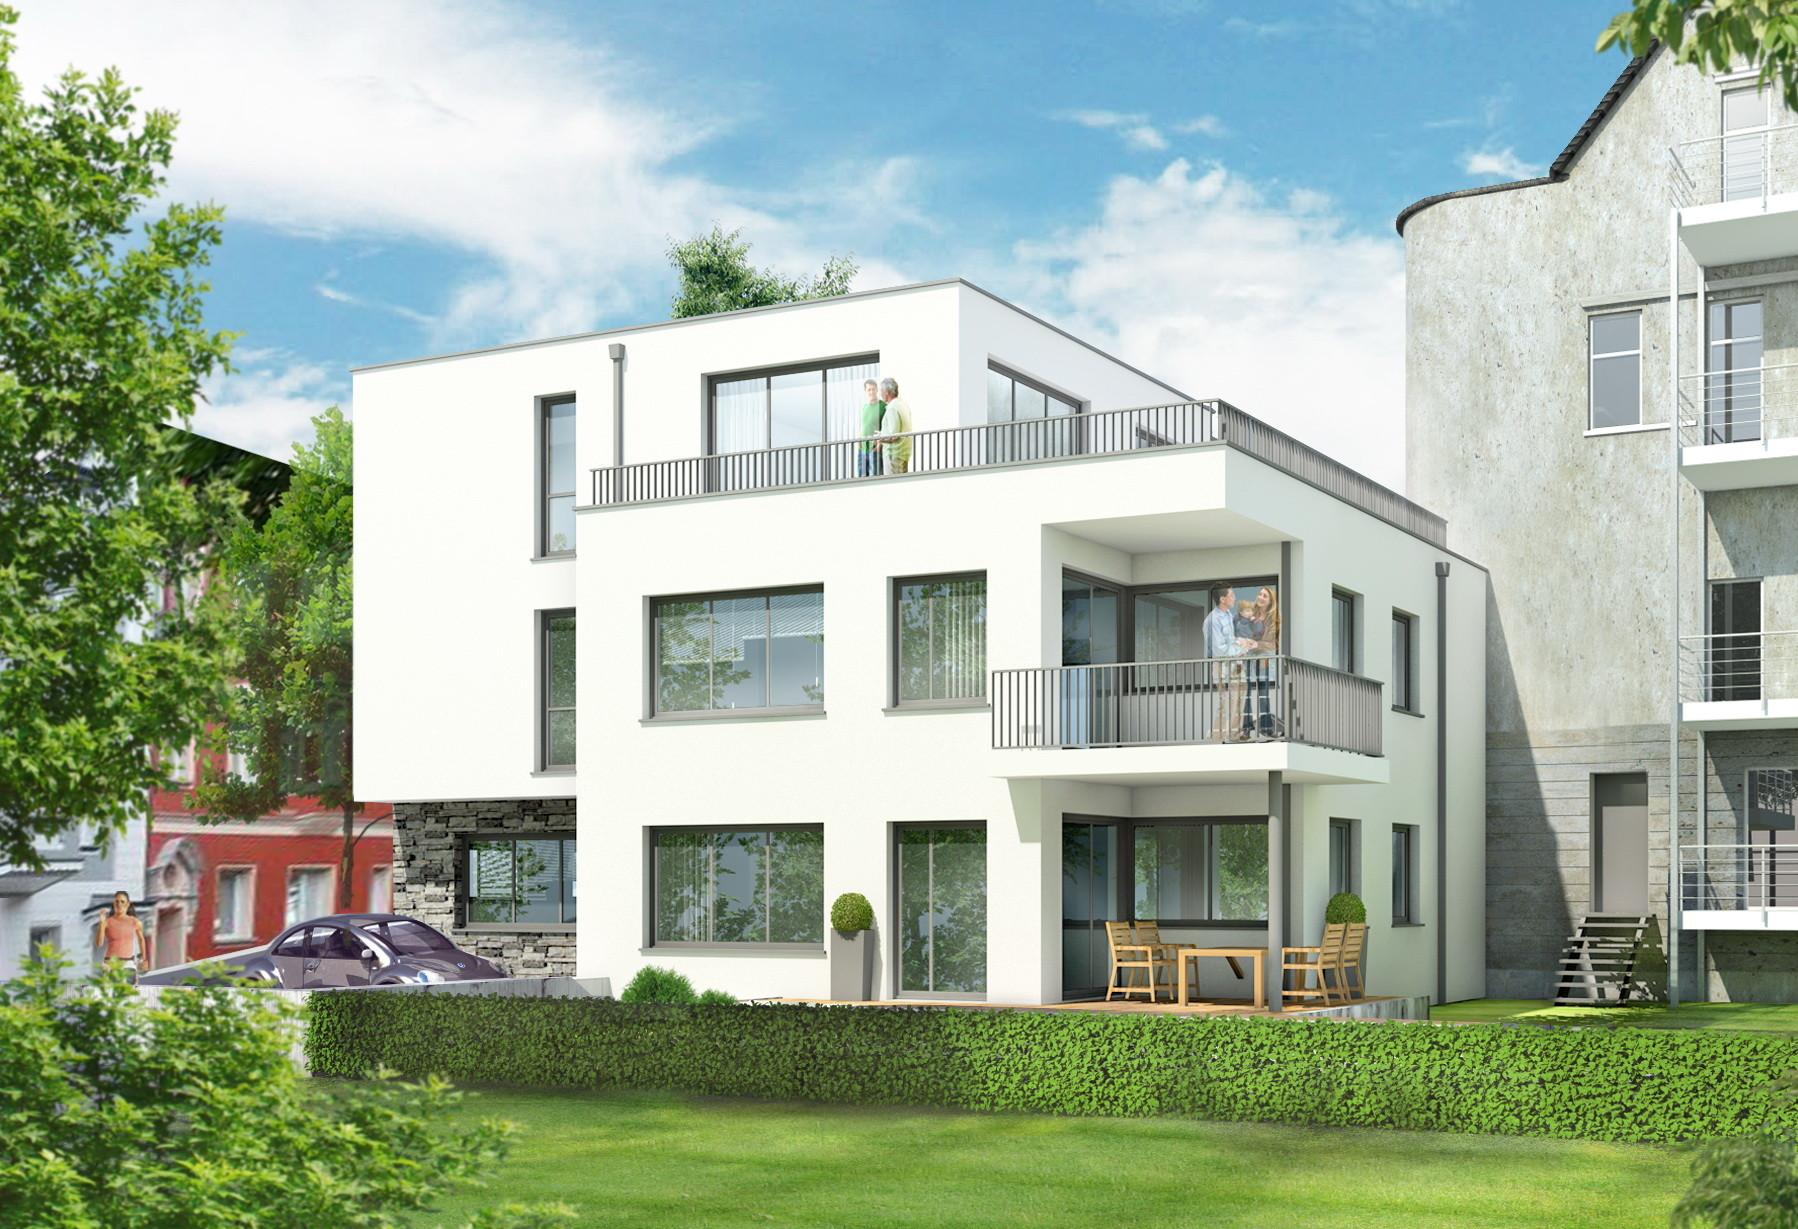 holzhaus architektur griess osten architekt. Black Bedroom Furniture Sets. Home Design Ideas